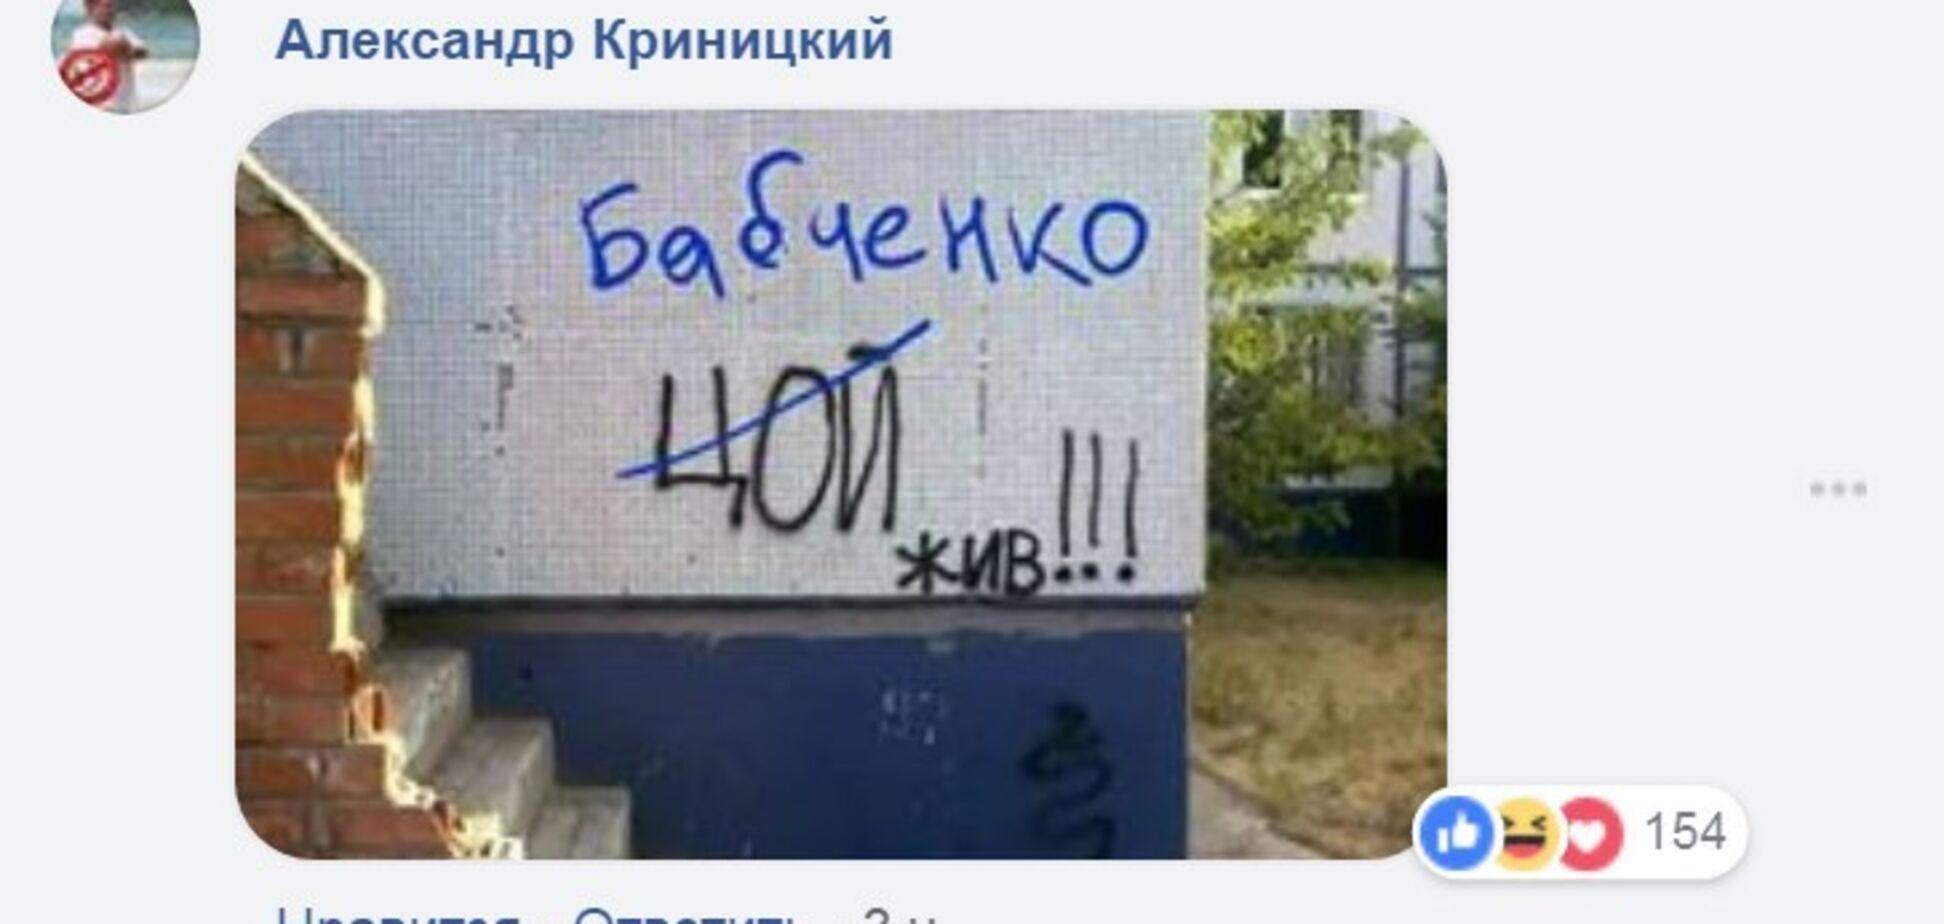 Бабченко у небезпеці: екс-генерал СБУ назвав підводні камені спецоперації